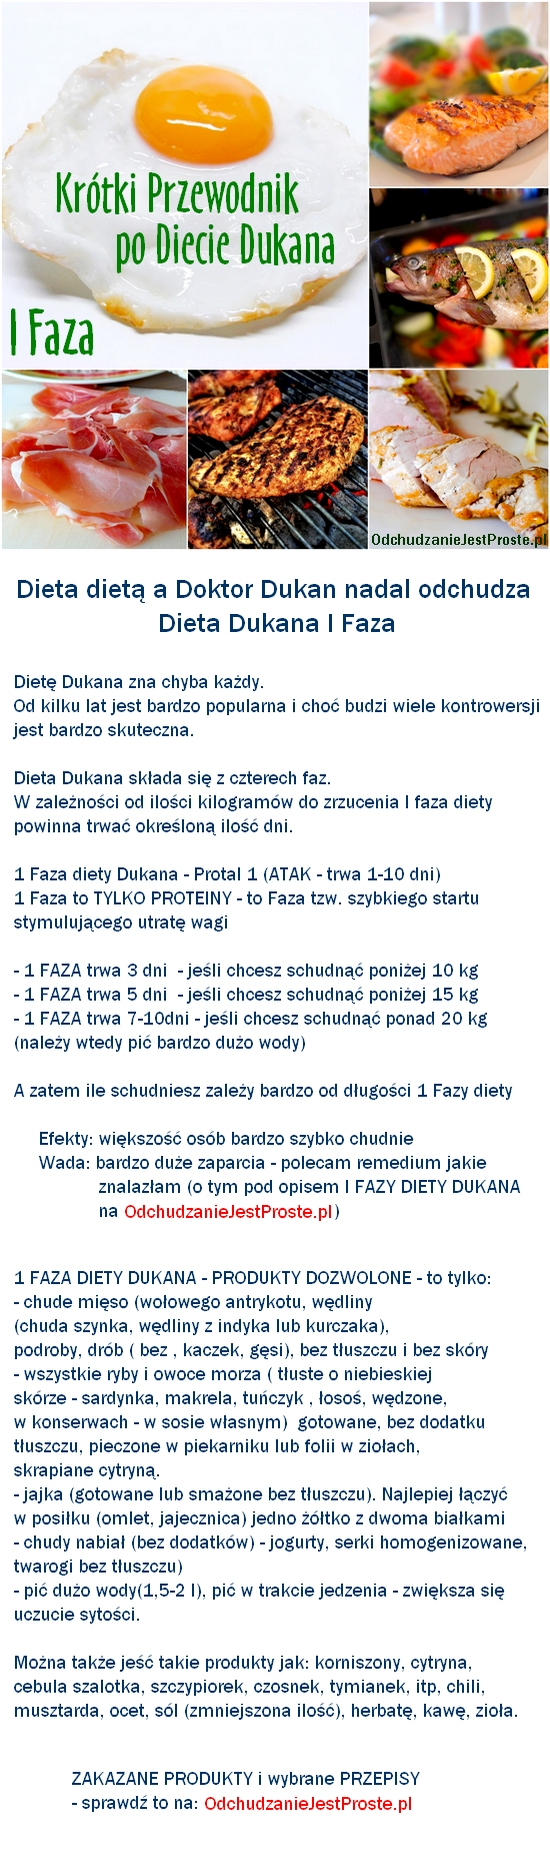 dieta dukana faza 1 produkty